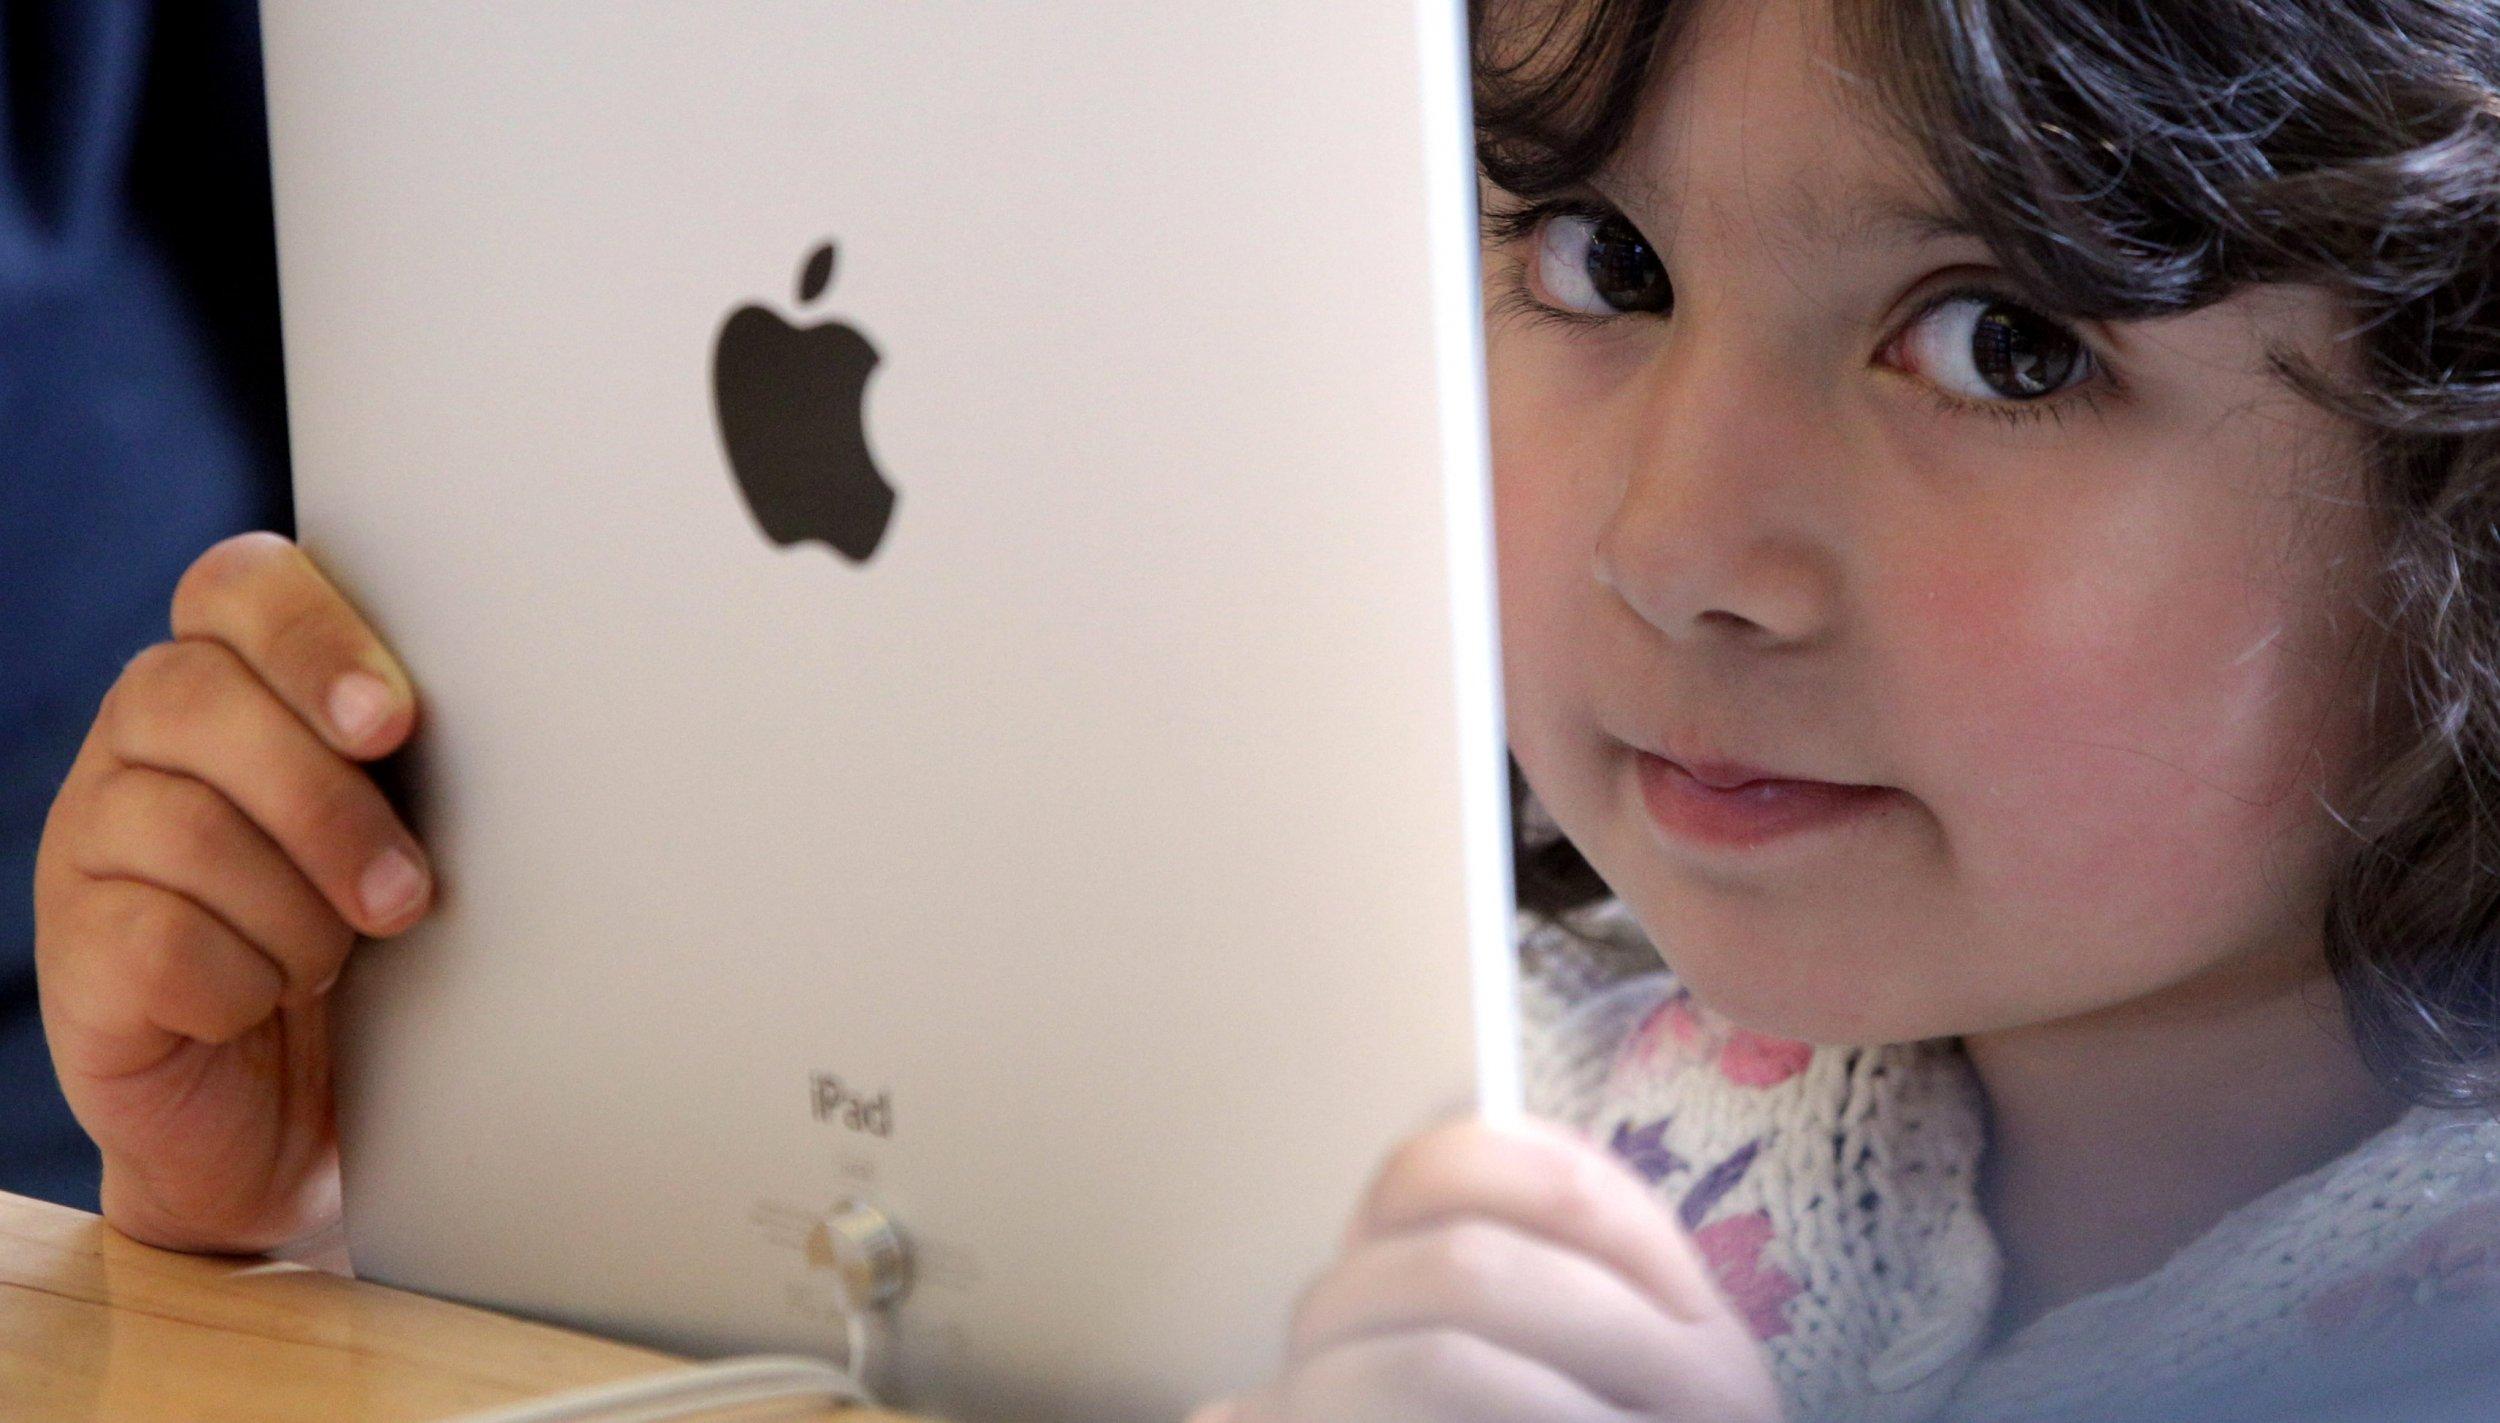 Kid and iPad